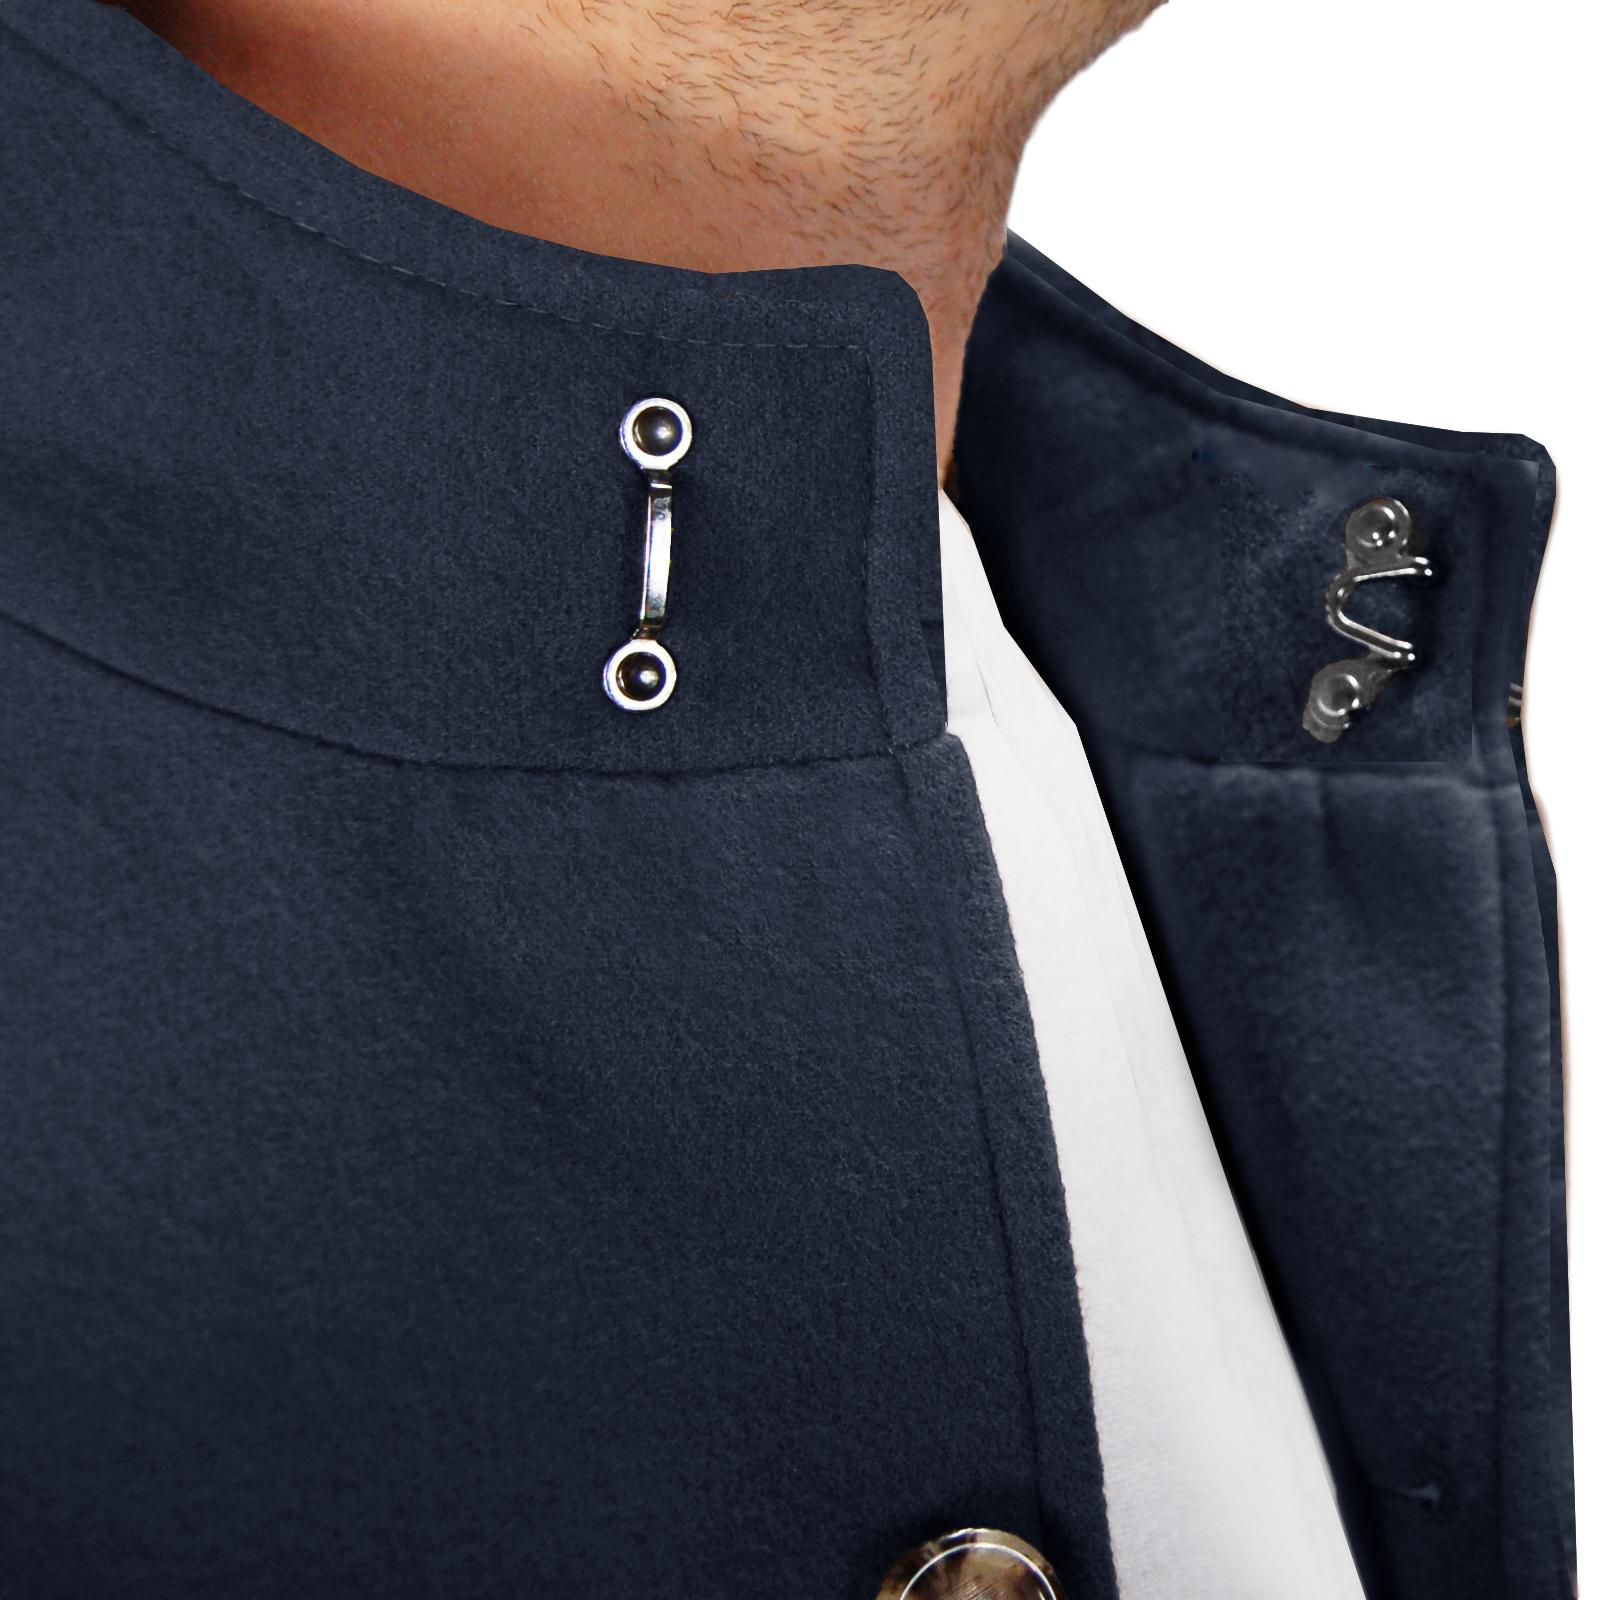 Cappotto-Uomo-Elegante-Giubbotto-Invernale-Blu-Camel-Trench-Lungo miniature 14